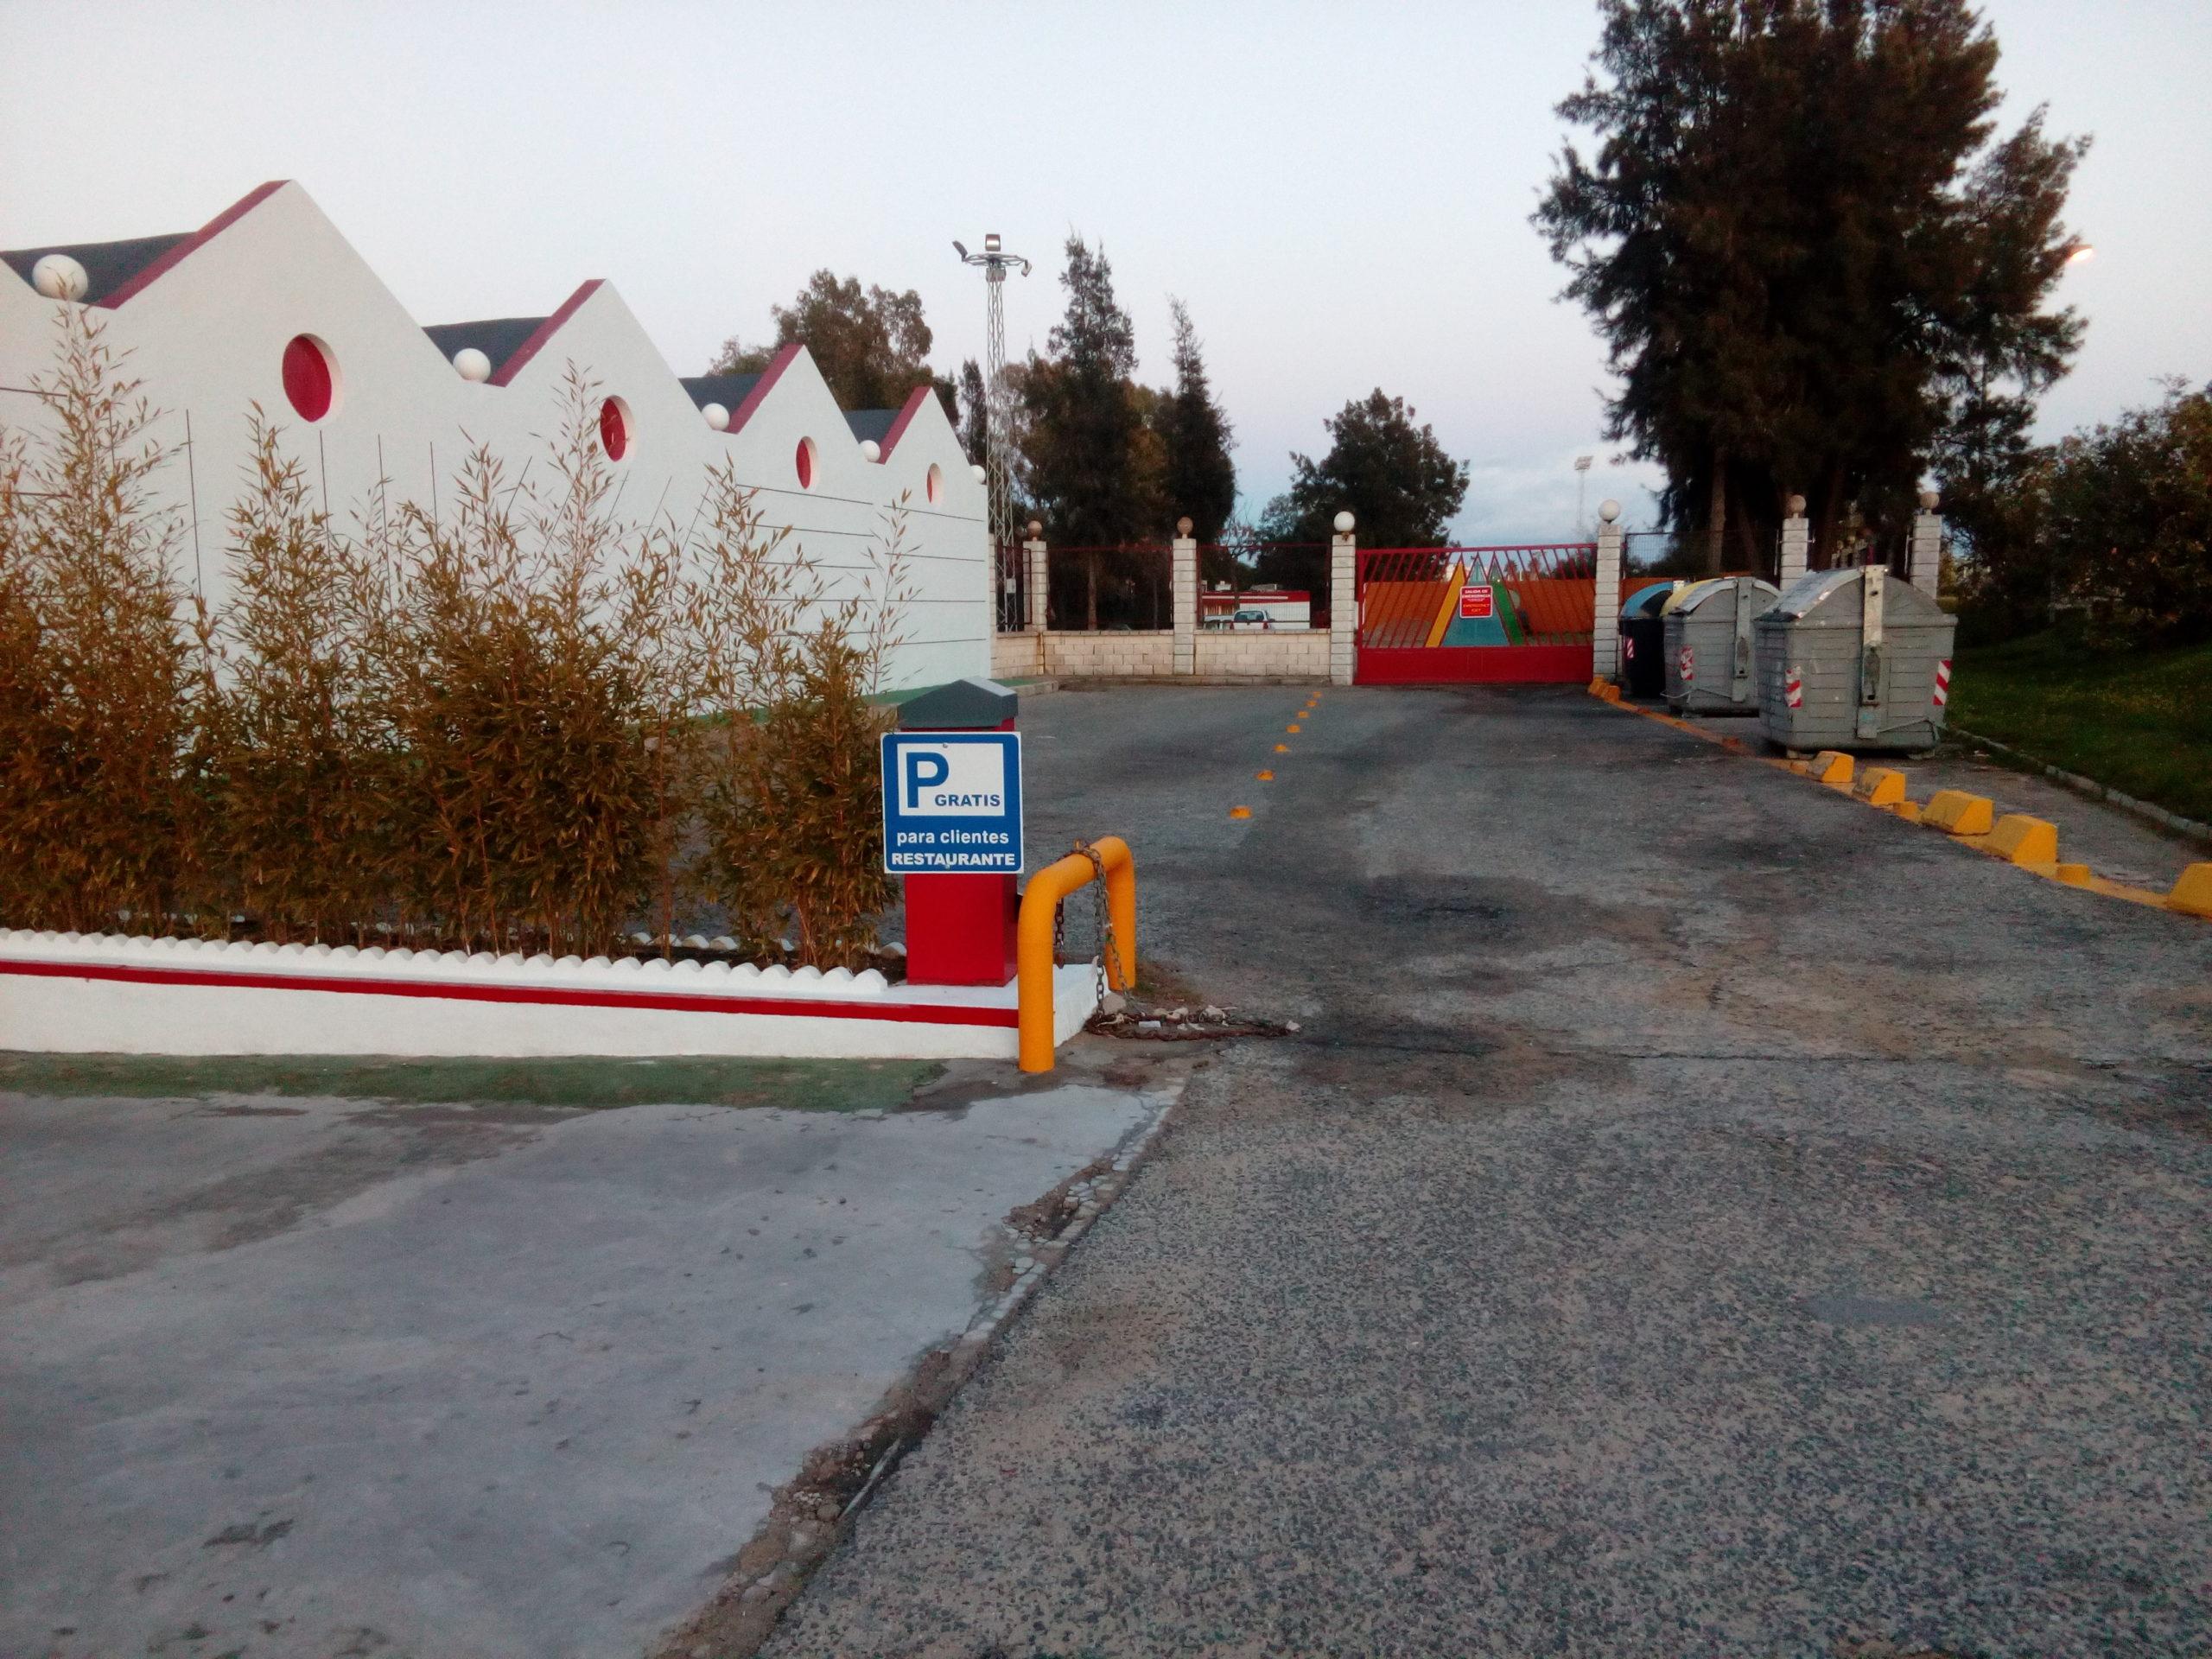 """La Junta obligada a facilitar información sobre irregularidades en el """"Camping Las Dunas"""" tras las advertencias del Defensor del Pueblo"""